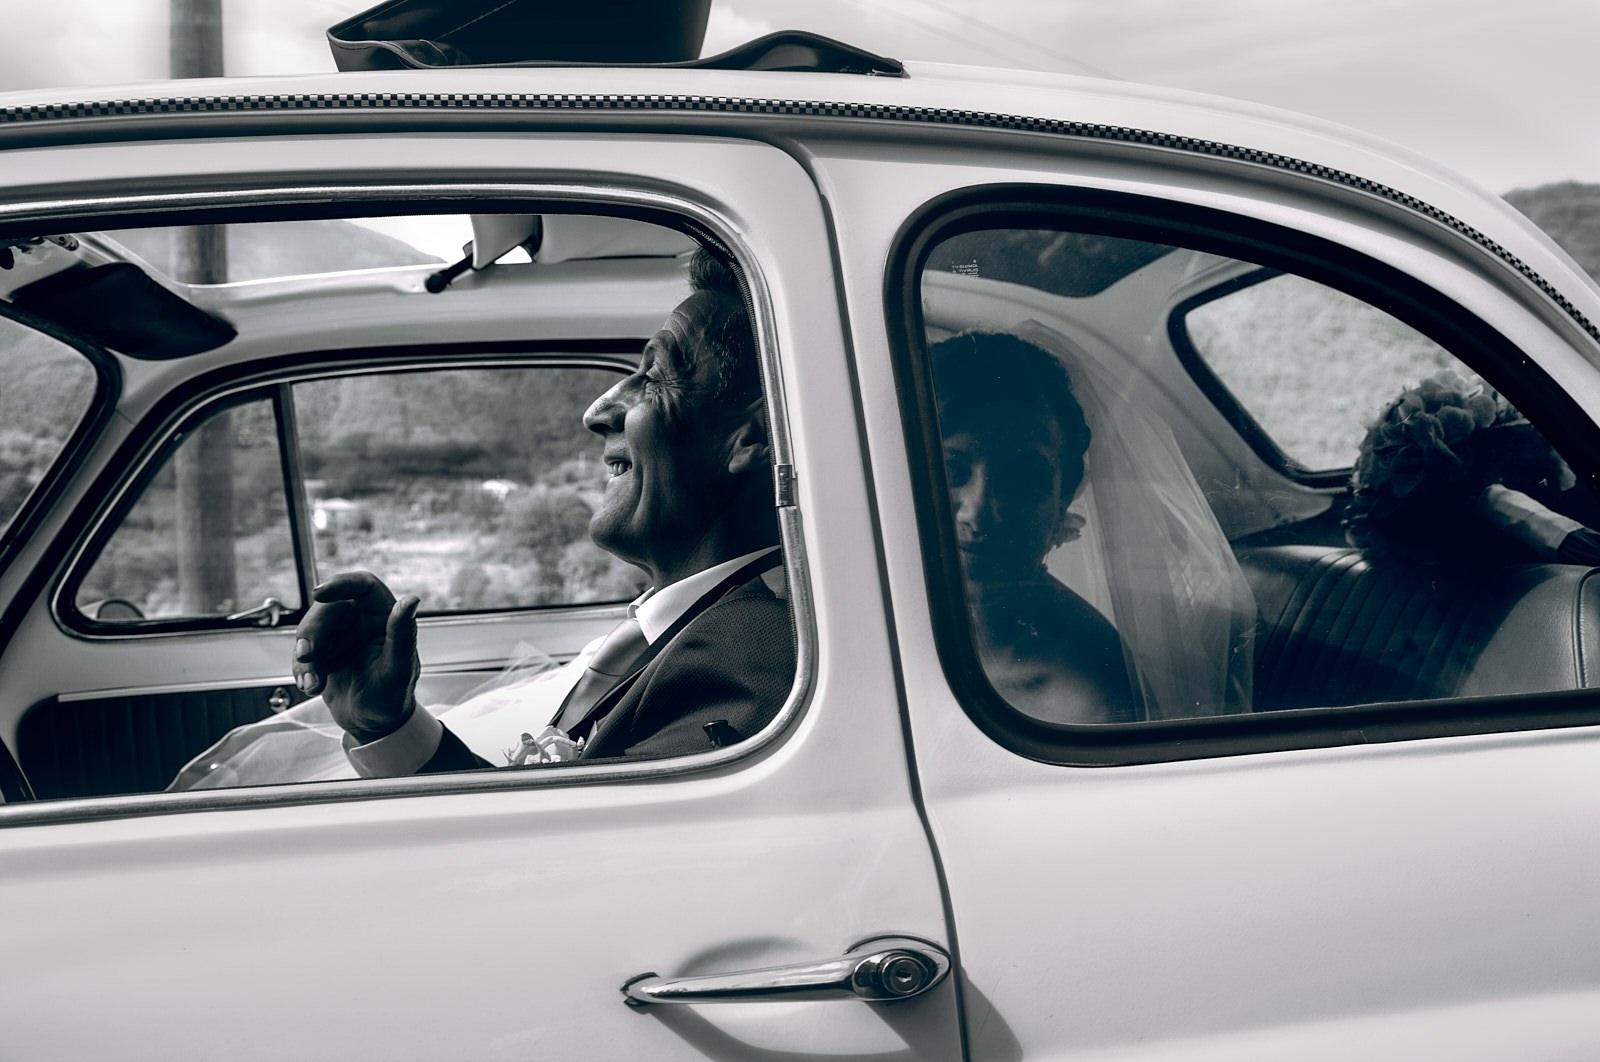 fotografo matrimonio, photo booth, fotografo di matrimonio, foto sposi, album fotografico matrimonio, book fotografico matrimonio, servizio fotografico matrimonio prezzi, studio fotografico matrimonio, studio fotografico matrimonio, album per matrimonio, servizio matrimonio, my happy wedding, drone matrimonio, fotografo matrimonio prenota, fotografo sposi migliore, foto famiglia